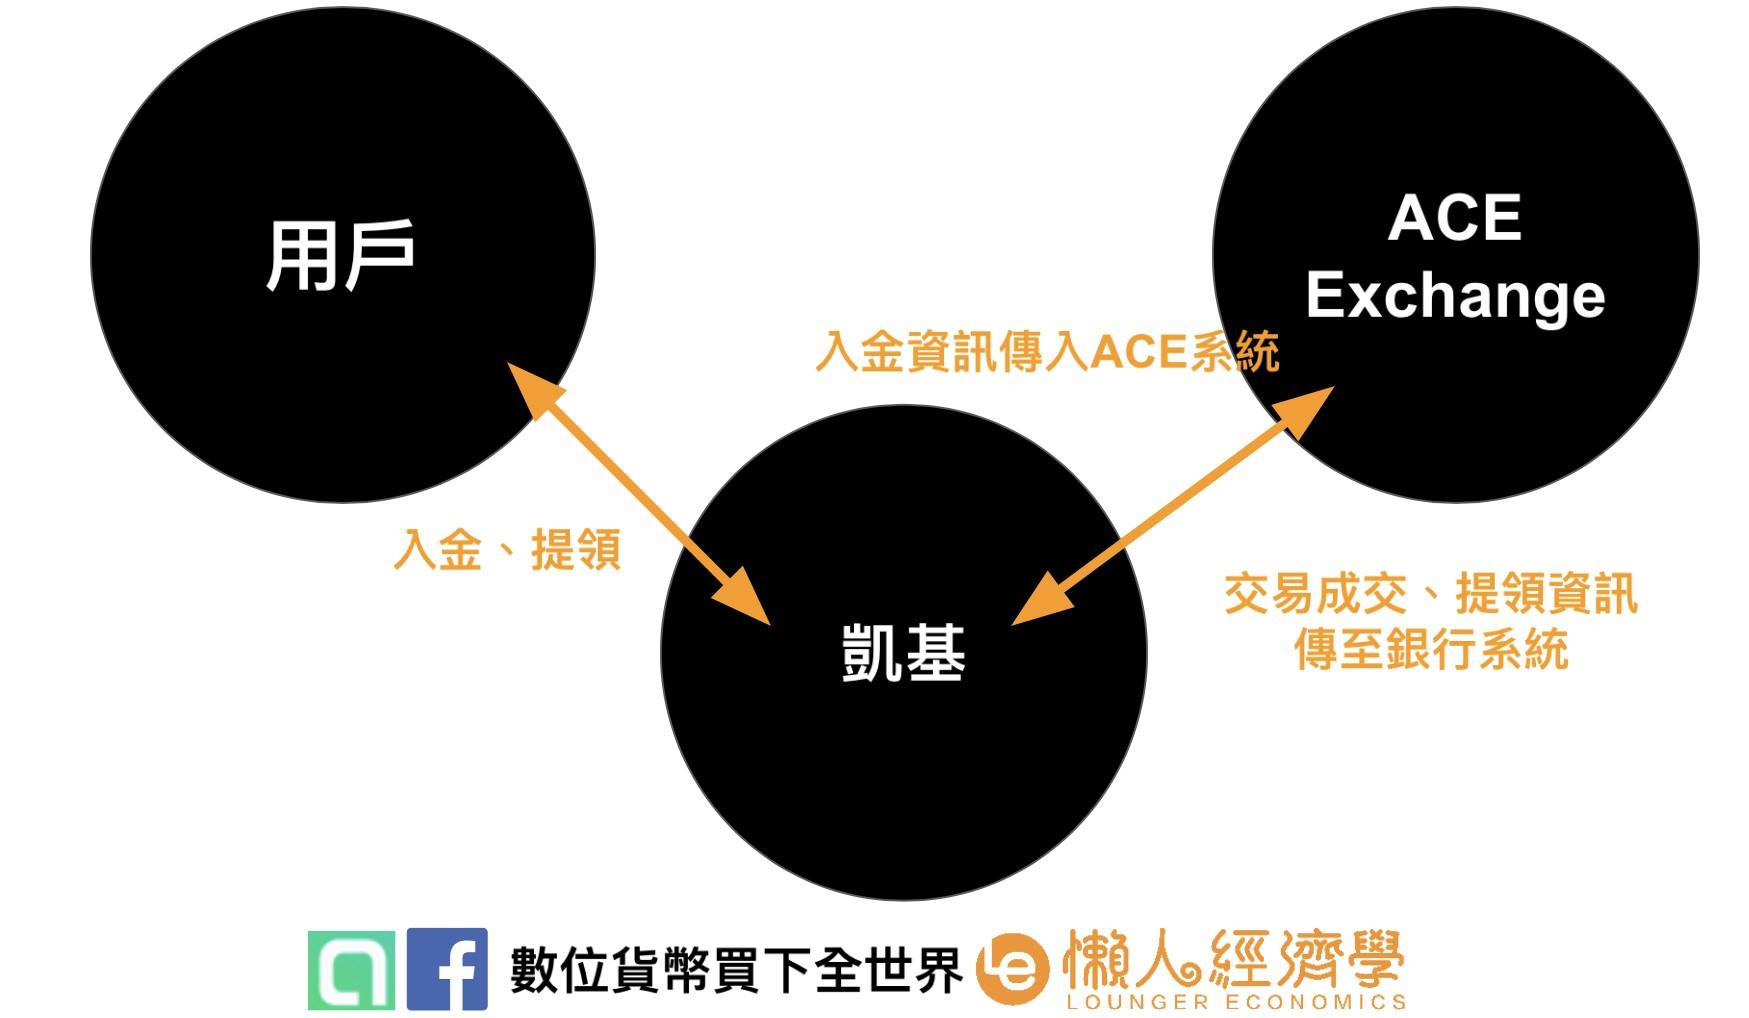 ACE安全性:與凱基銀行合作信託方式說明圖